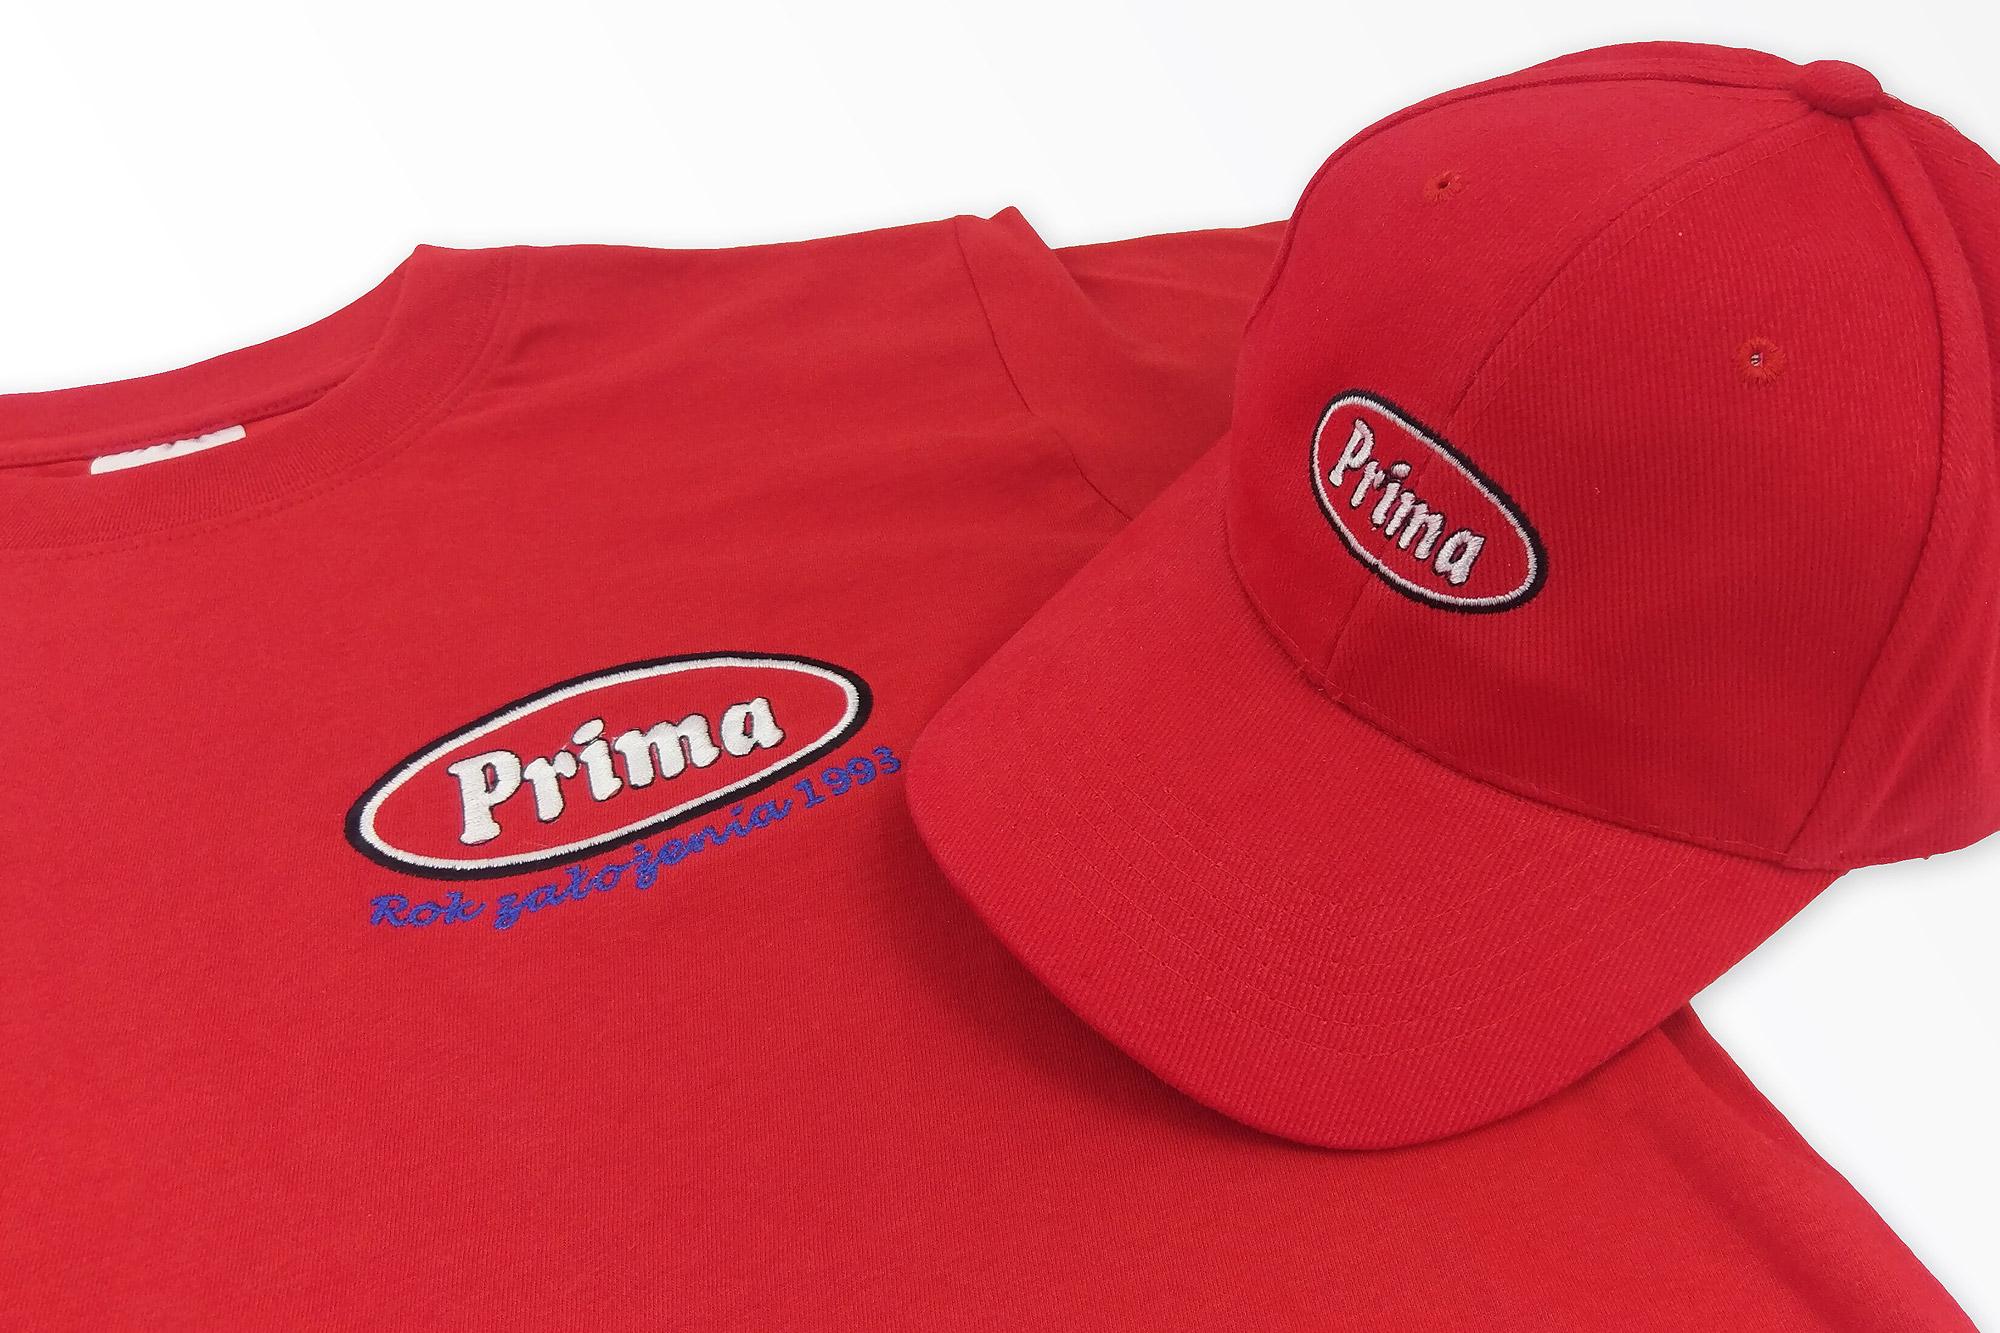 haft komputerowy na czapeczkach, haft na koszulkach, logo haft